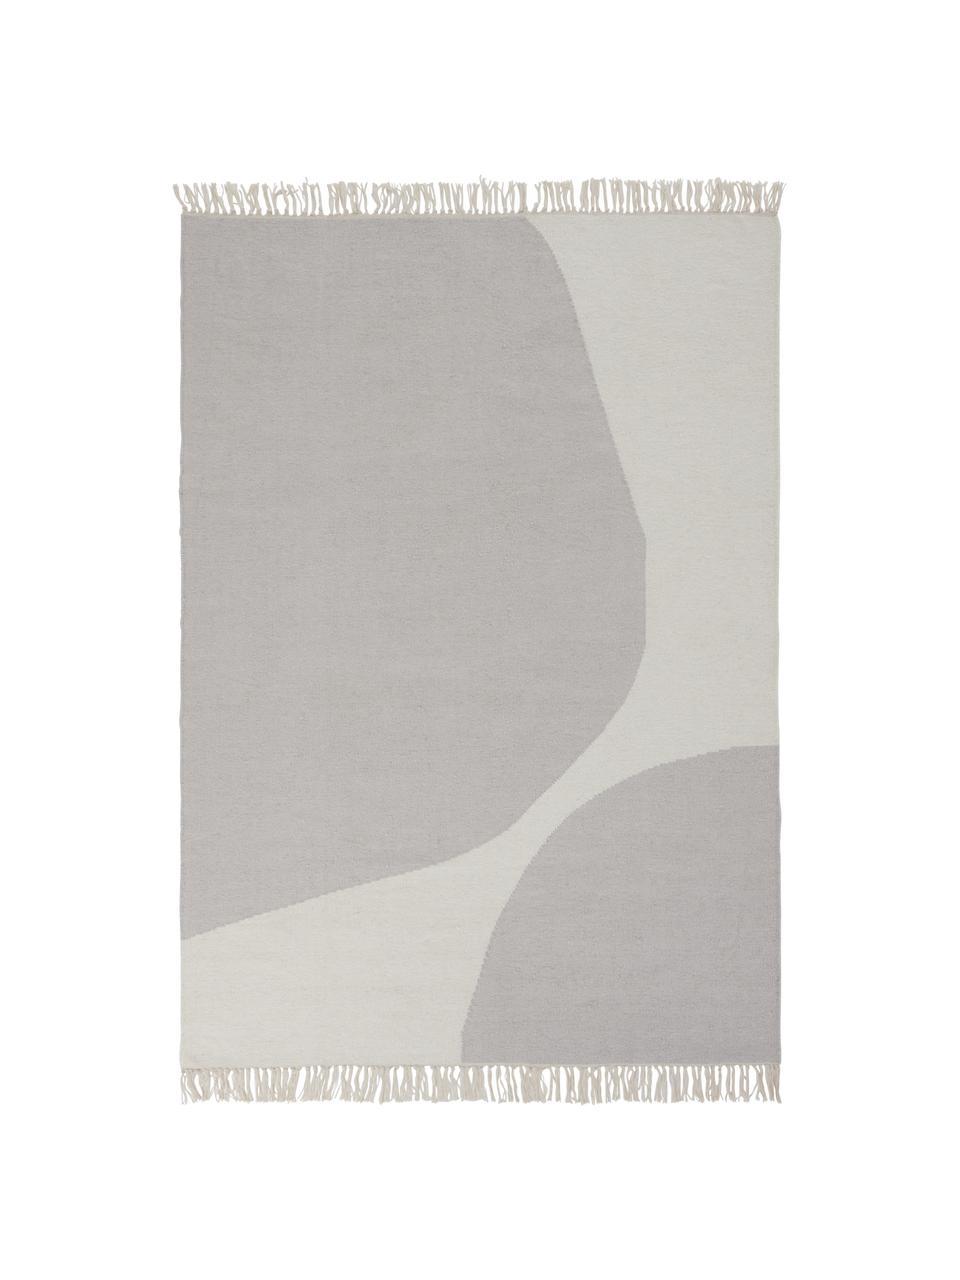 Handgewebter Wollteppich Stones mit abstraktem Muster, 81% Wolle, 19% Baumwolle, Gebrochenes Weiß, Beige, B 160 x L 230 cm (Größe M)